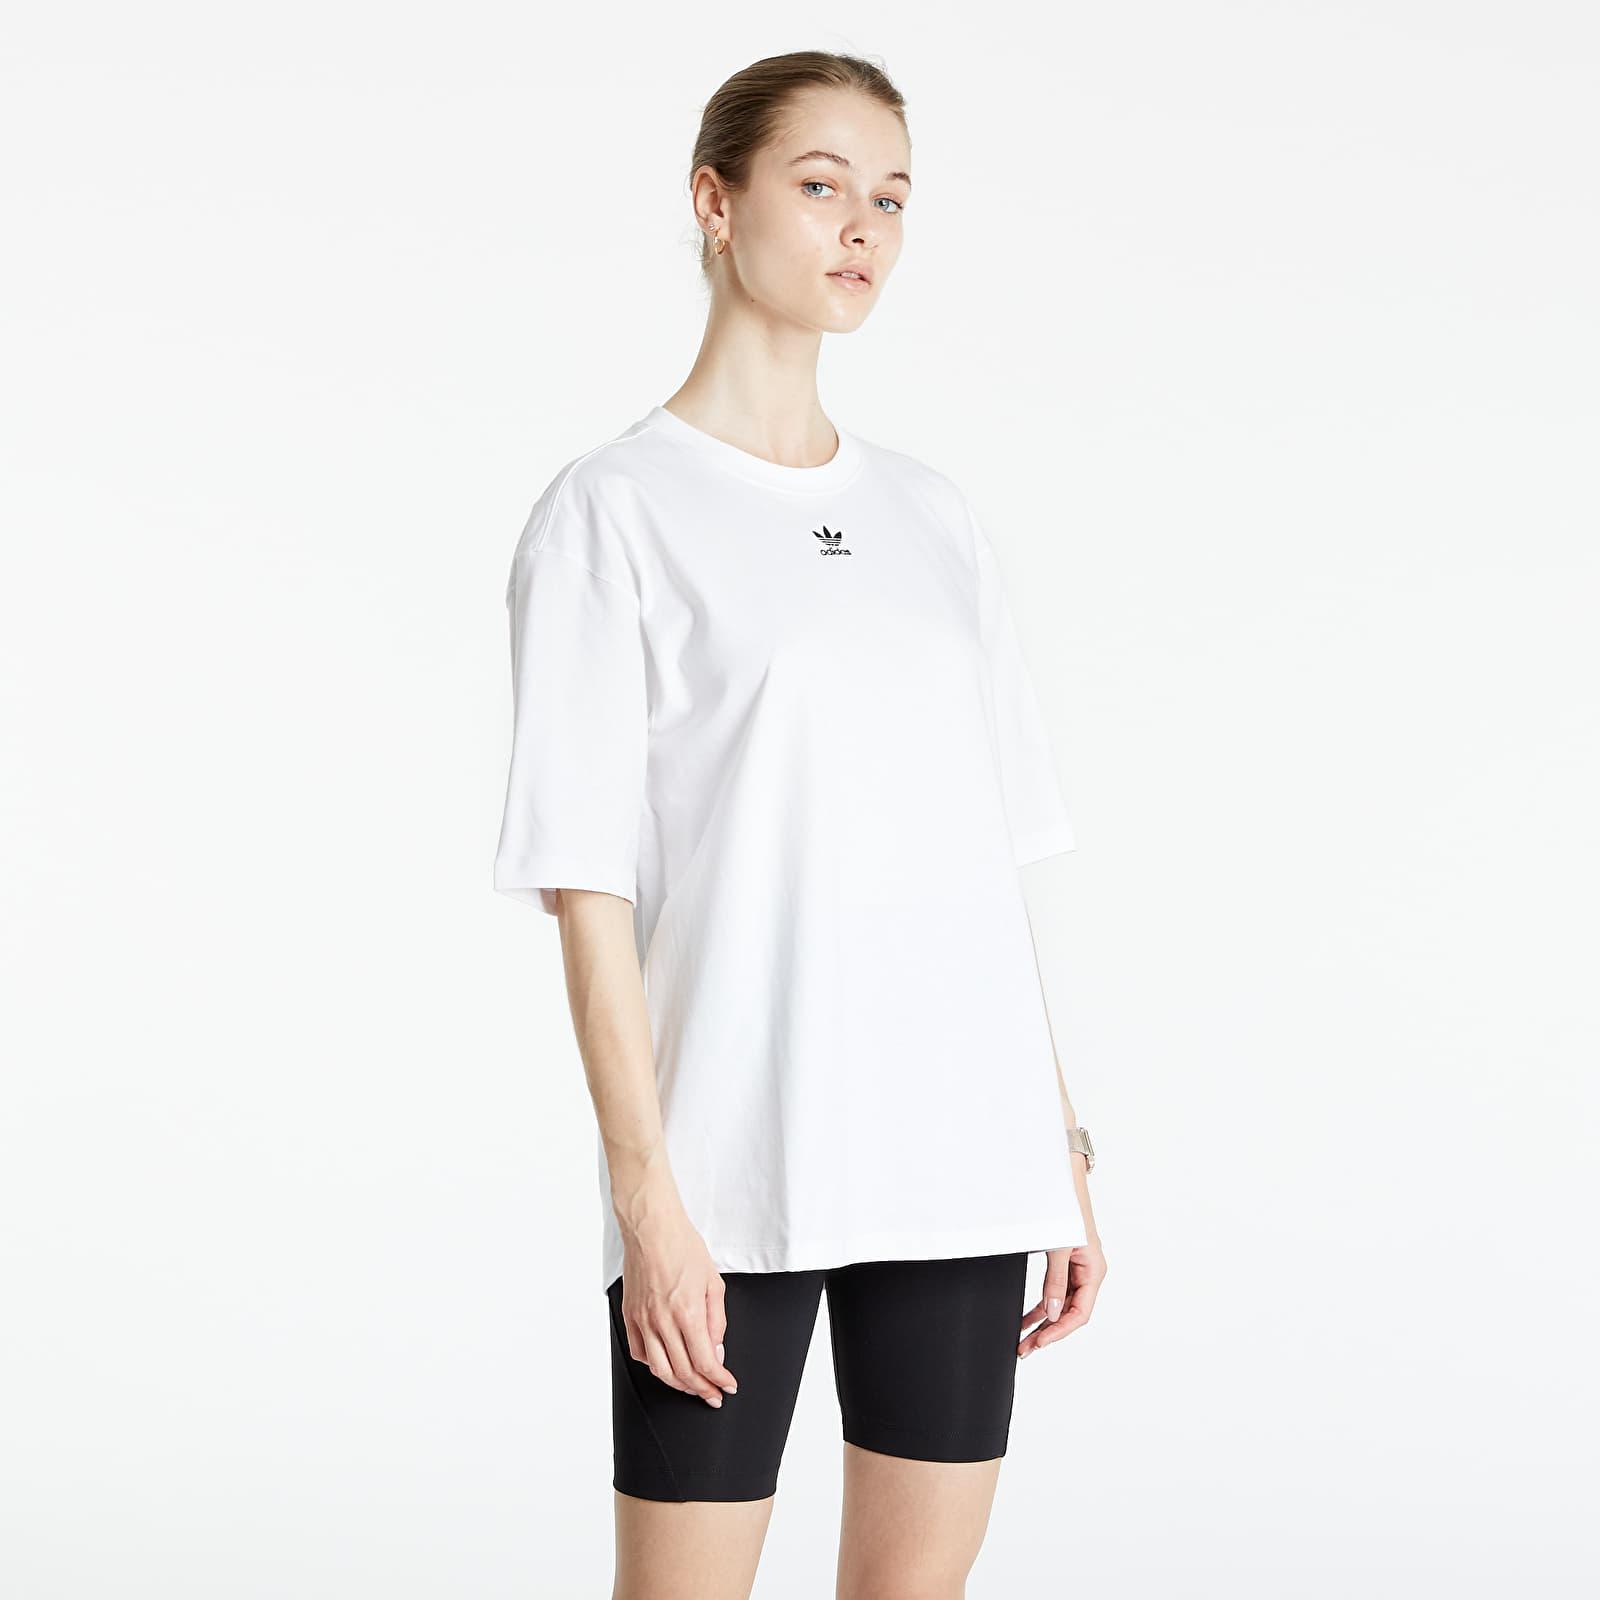 adidas Originals Tee White S/36